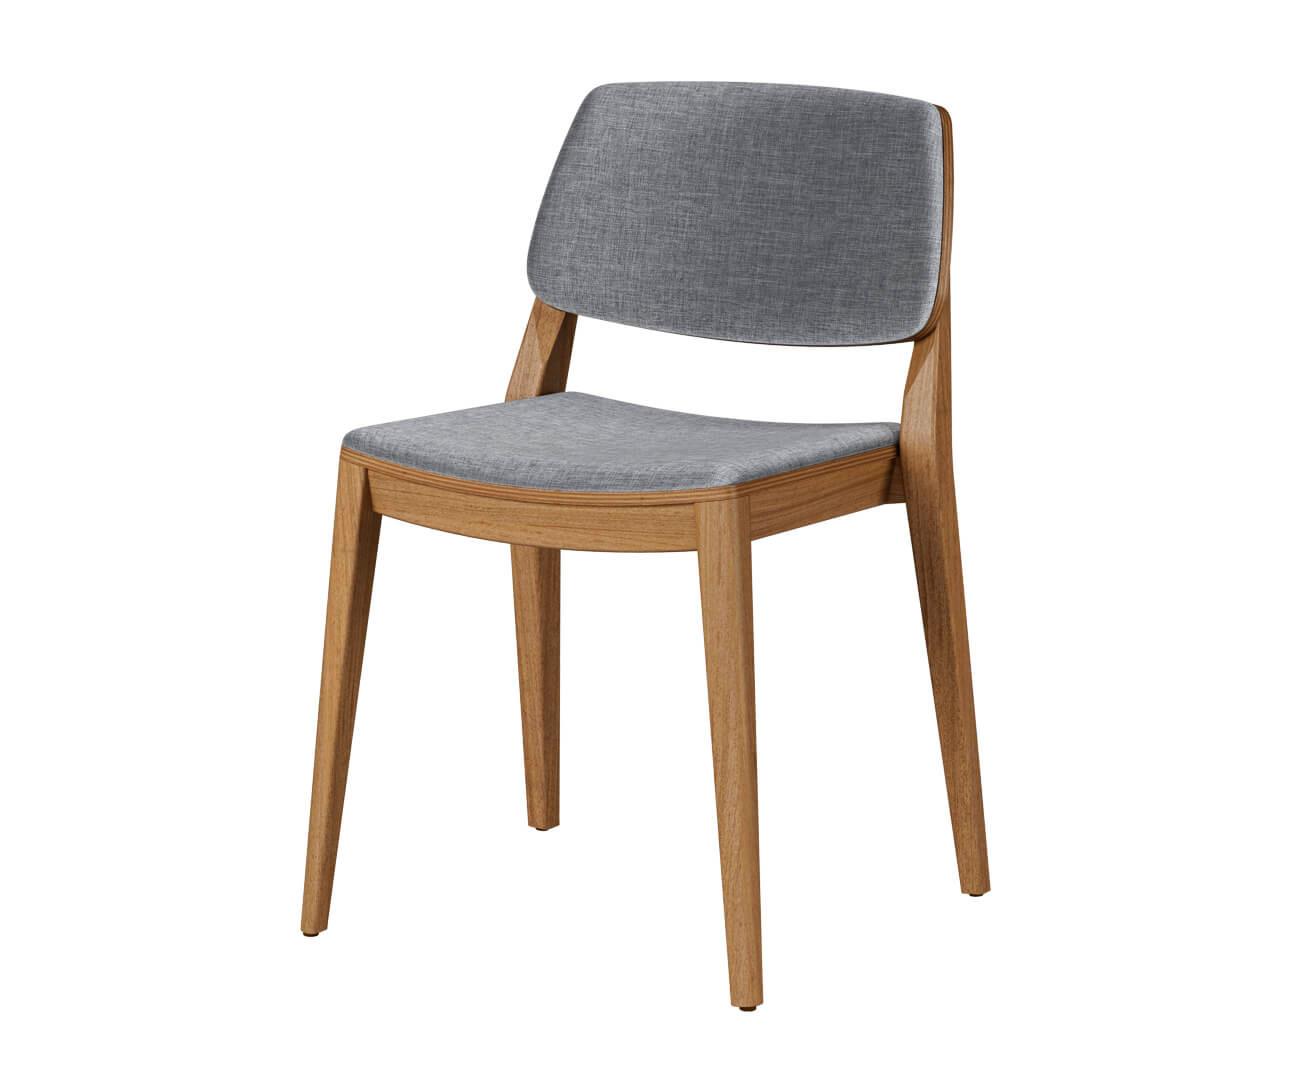 cadeira empilhável em madeira maciça otranto 1363